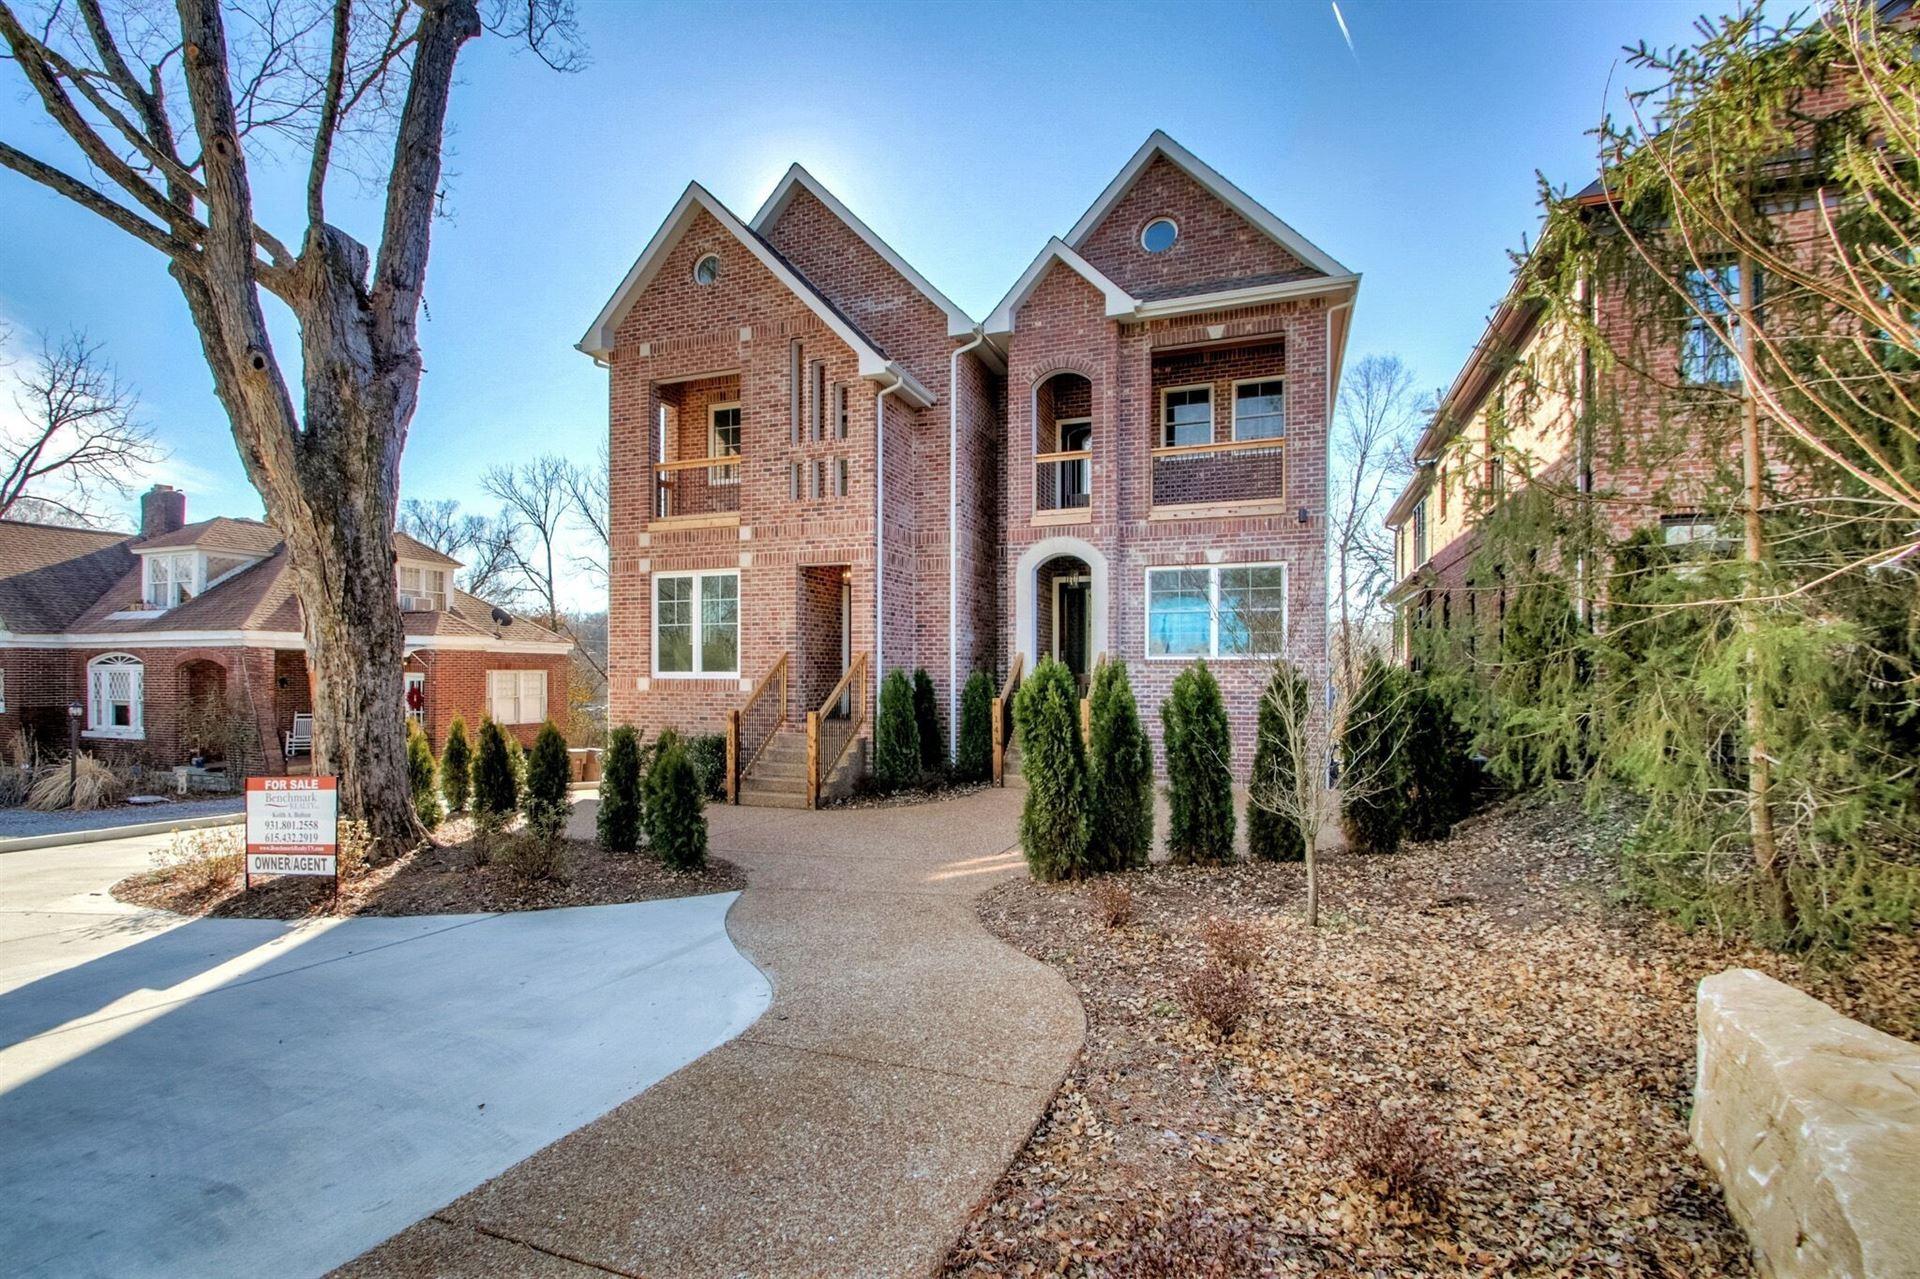 Photo of 141 Woodmont Blvd, Nashville, TN 37205 (MLS # 2167947)